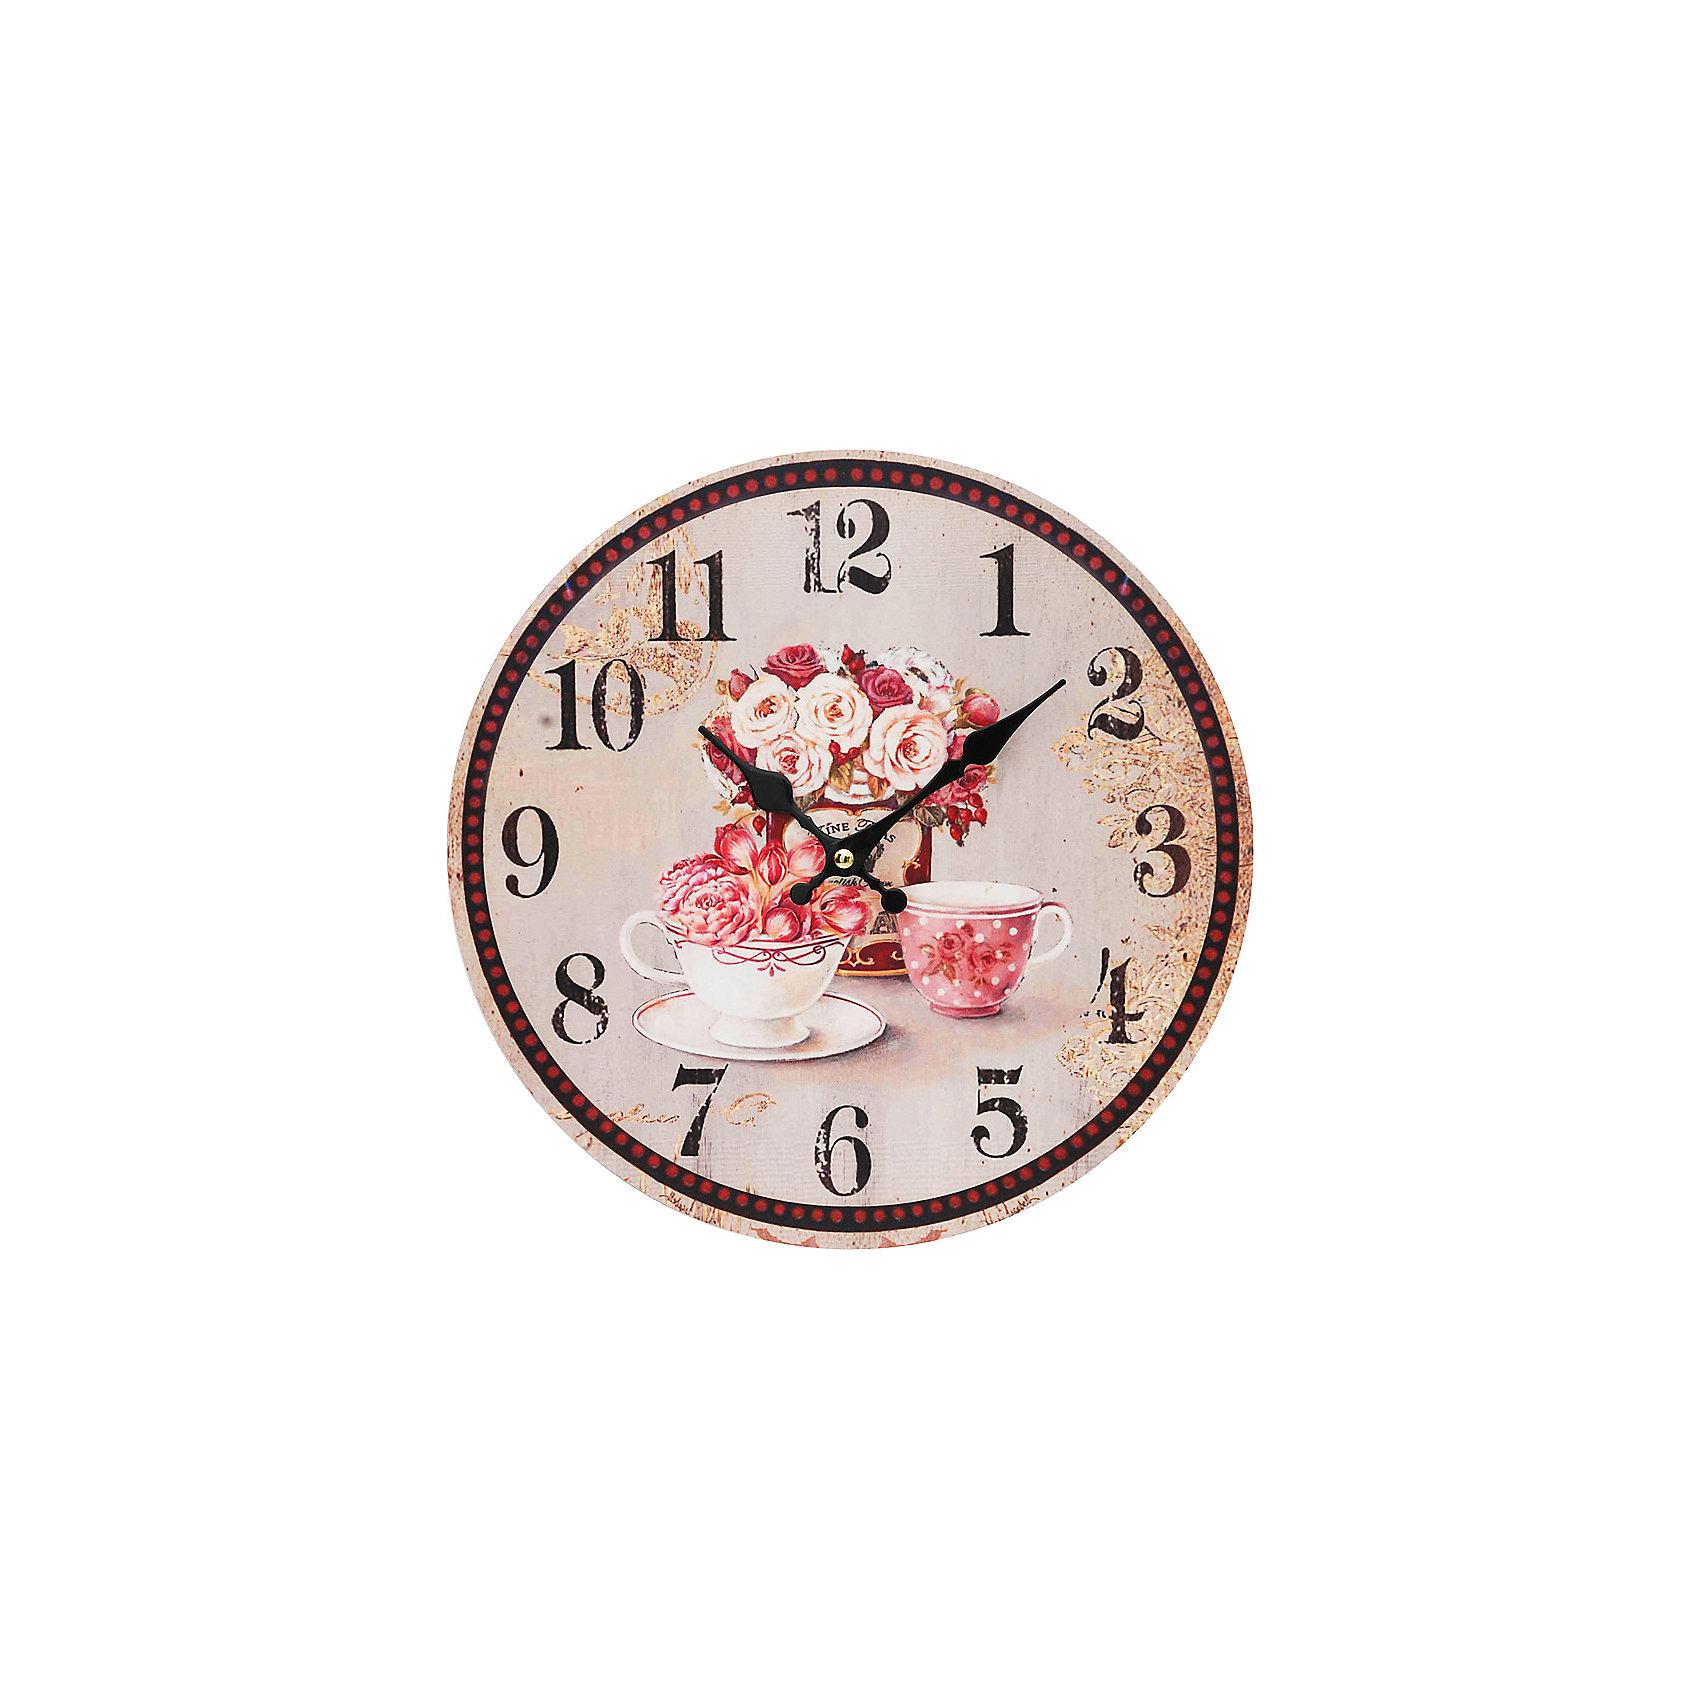 Часы настенные Розы, диаметр 34 смПредметы интерьера<br>Часы настенные Розы, диаметр 34 см.<br><br>Характеристики:<br><br>- Диаметр: 34 см.<br>- Две стрелки часовая и минутная<br>- Батарейка: 1 типа АА (в комплект не входит)<br>- Основные цвета: бледно-розовый, кремовый, сиреневый<br>- Упаковка картонная коробка<br><br>Кварцевые настенные часы с механизмом плавного хода помимо своего прямого назначения – показывать точное время – станут важным элементом декора Вашего дома, квартиры или офиса. Открытый циферблат часов выполнен из листа оргалита с декоративным покрытием, оформлен изображением цветочной композиции и чашек. Часовая и минутная стрелки металлические. Часовой механизм закрыт пластиковым корпусом. Часы будут стильным акцентом в интерьере и создадут дополнительный уют и хорошее настроение.<br><br>Часы настенные Розы, диаметр 34 см можно купить в нашем интернет-магазине.<br><br>Ширина мм: 345<br>Глубина мм: 340<br>Высота мм: 45<br>Вес г: 2500<br>Возраст от месяцев: 72<br>Возраст до месяцев: 144<br>Пол: Унисекс<br>Возраст: Детский<br>SKU: 5089837